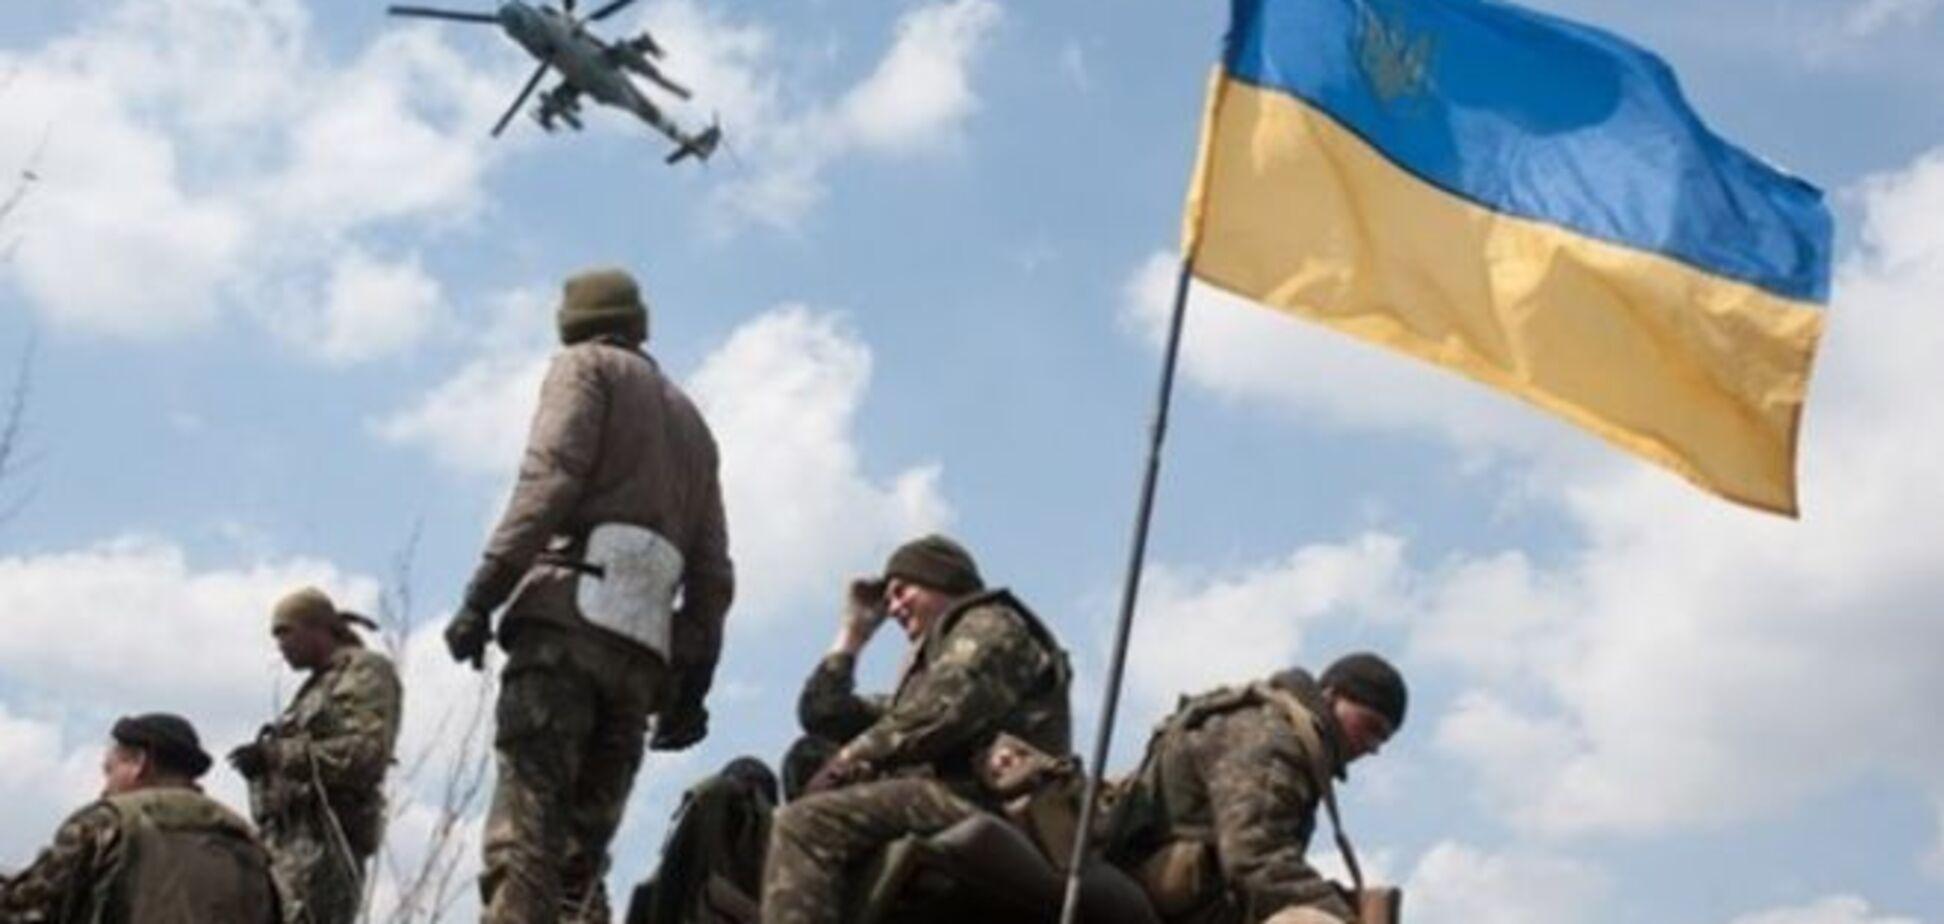 Военные АТО отбили атаку диверсантов под Донецком